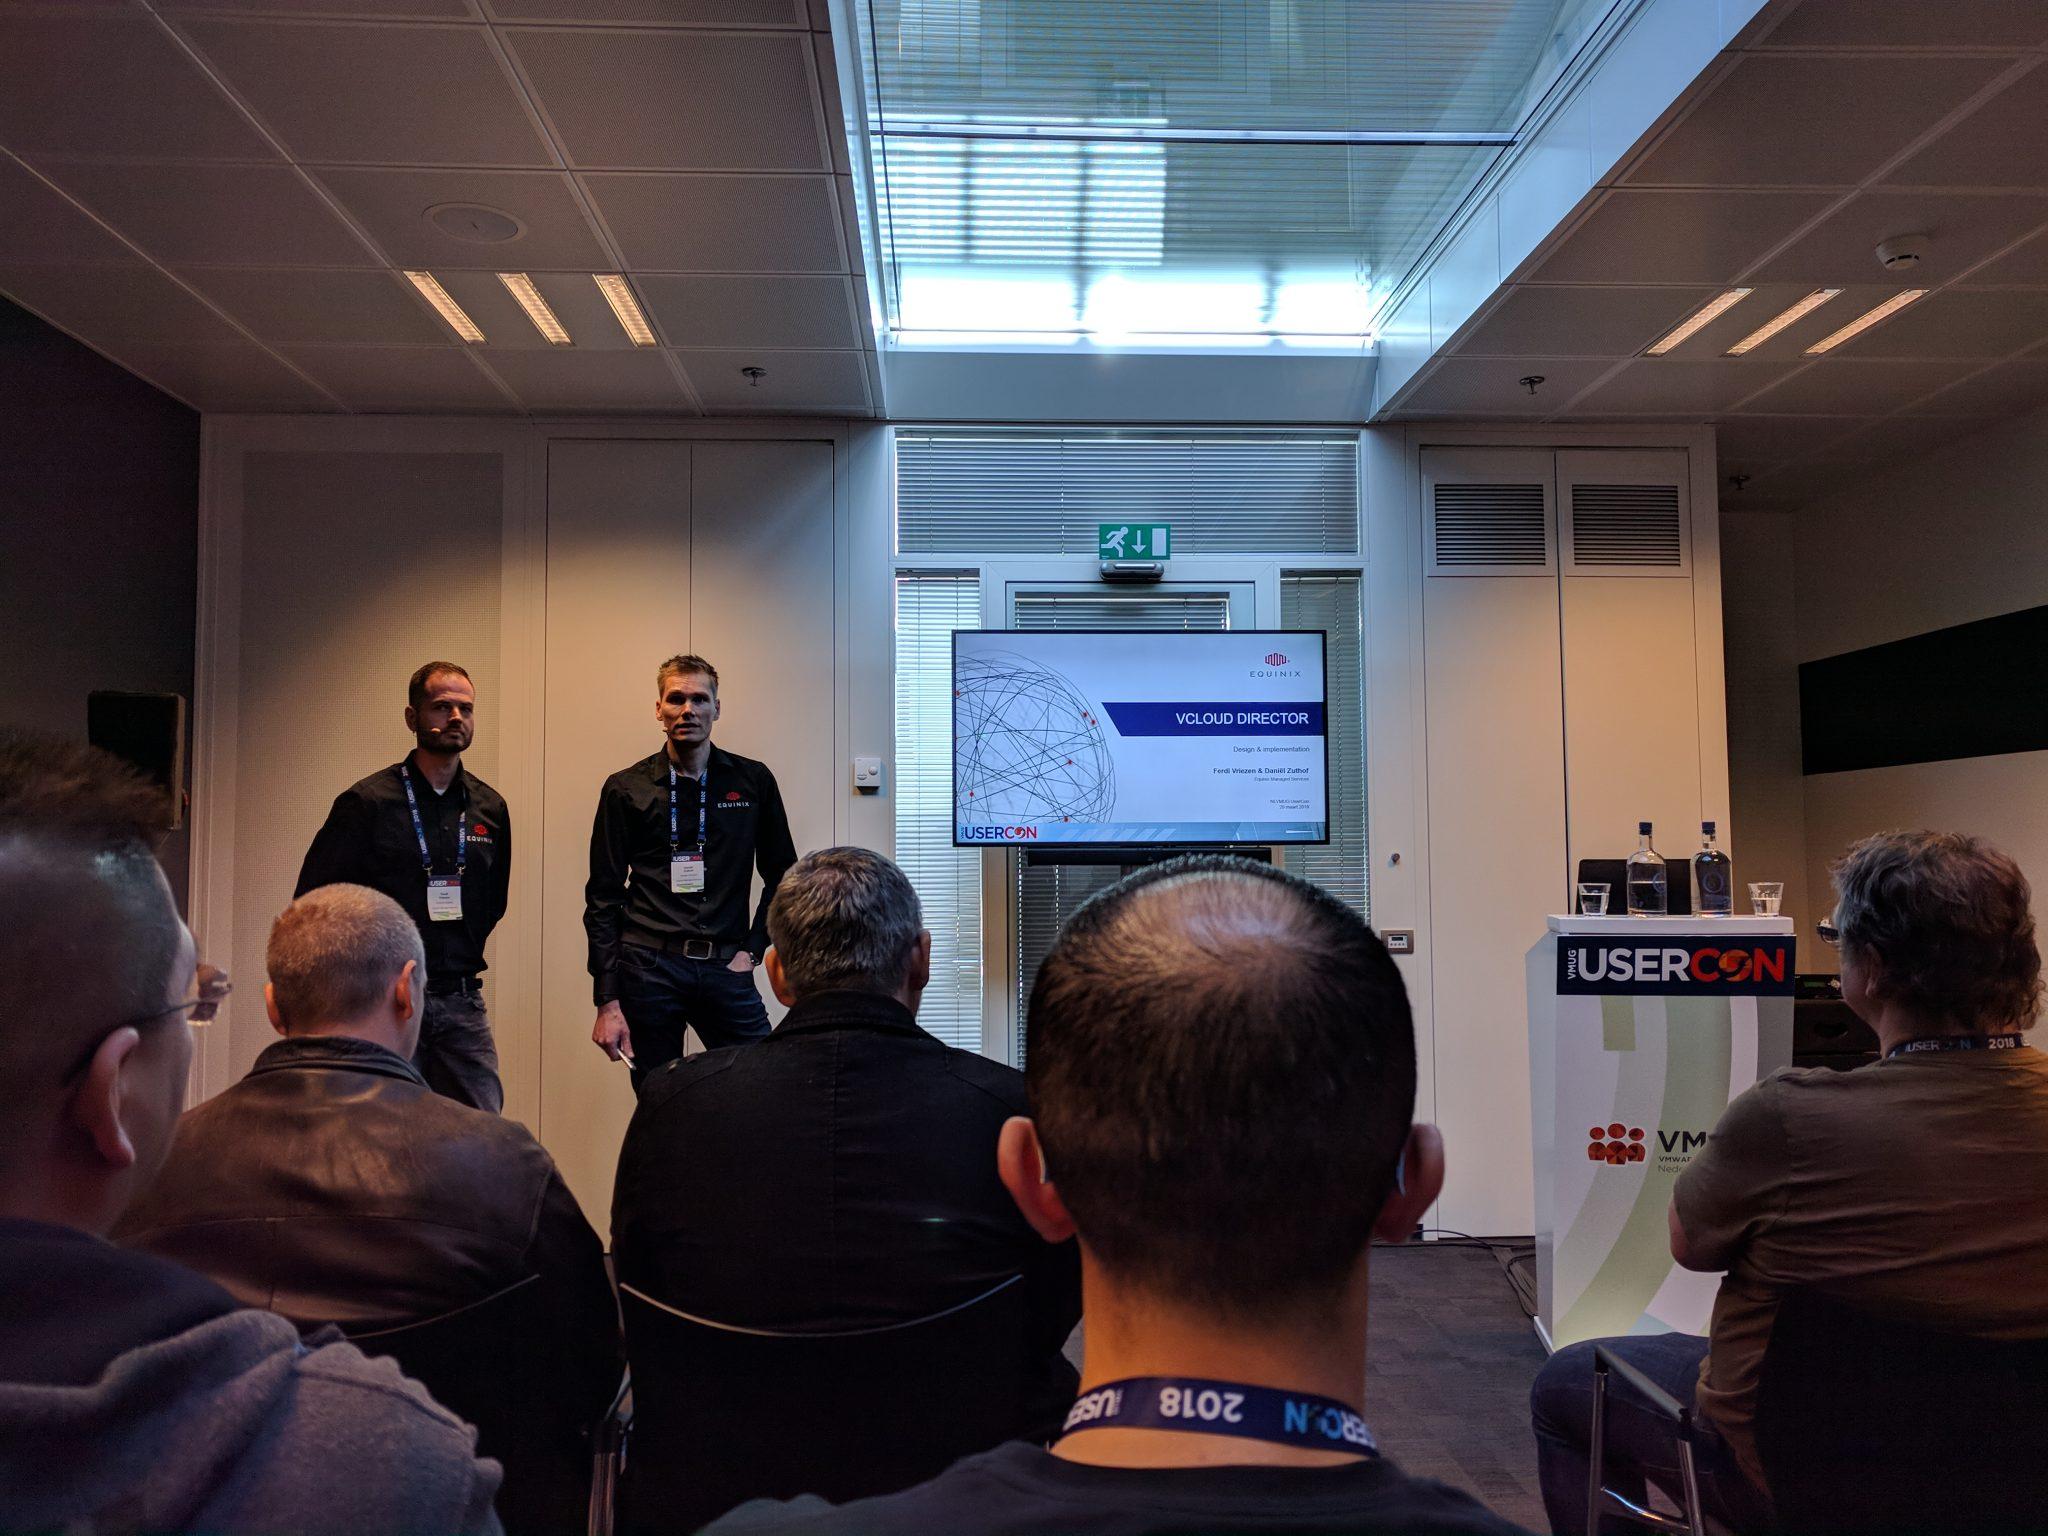 Equinix session about vCloud Director by Ferdi Vriezen & Daniël Zuthof